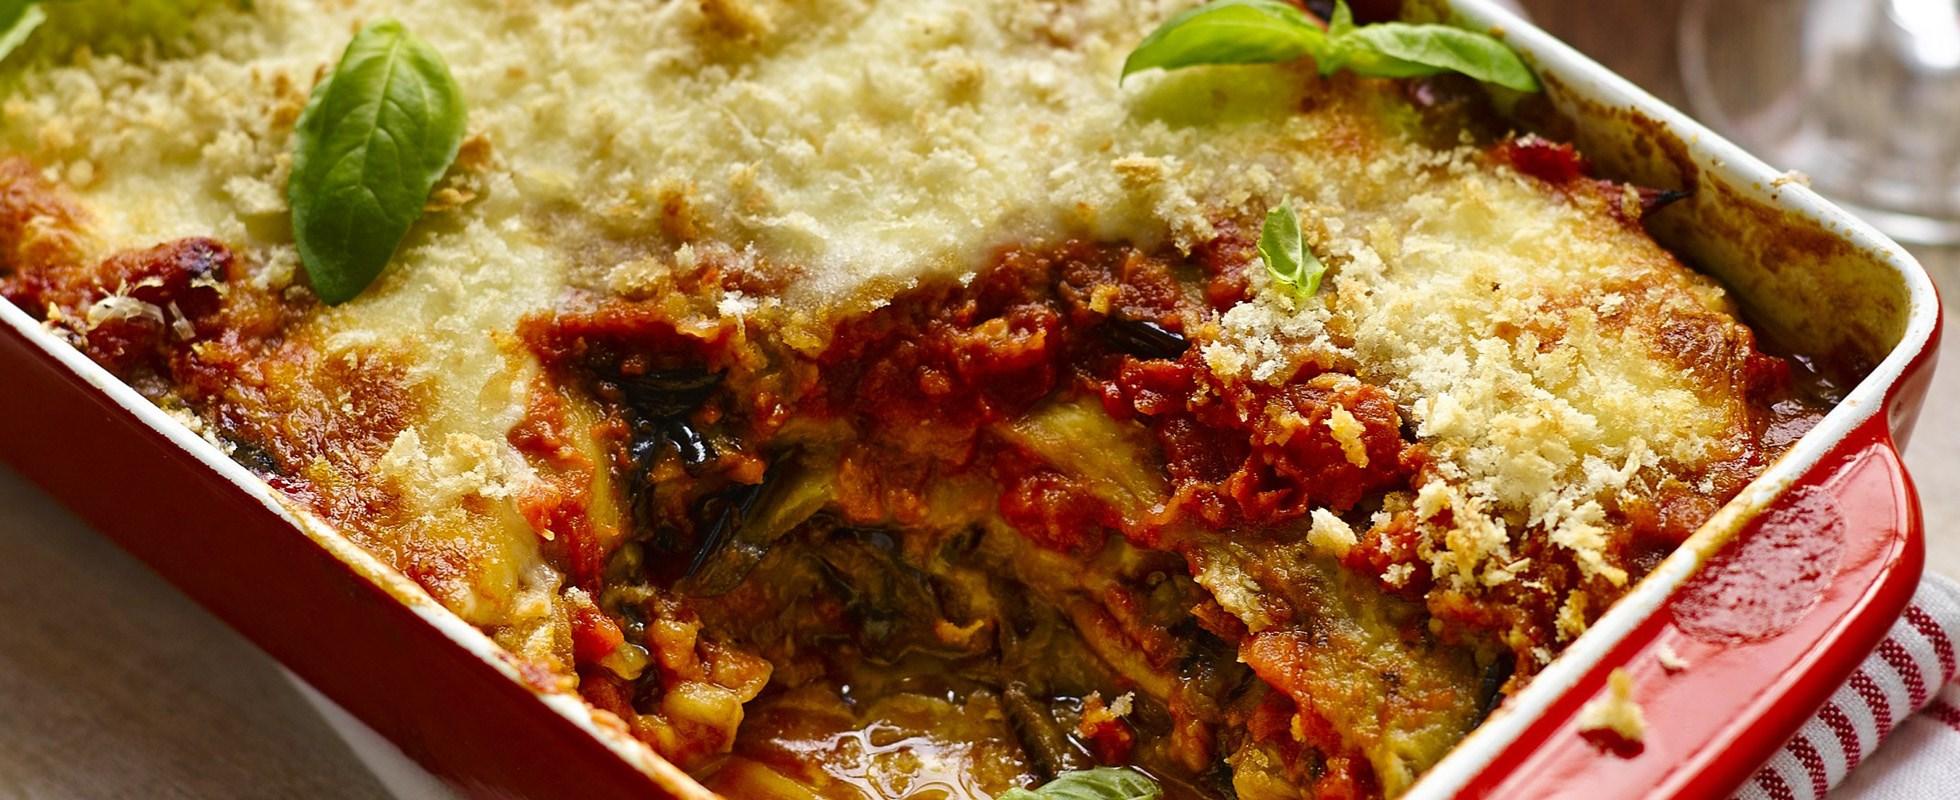 aubergine parmigiana